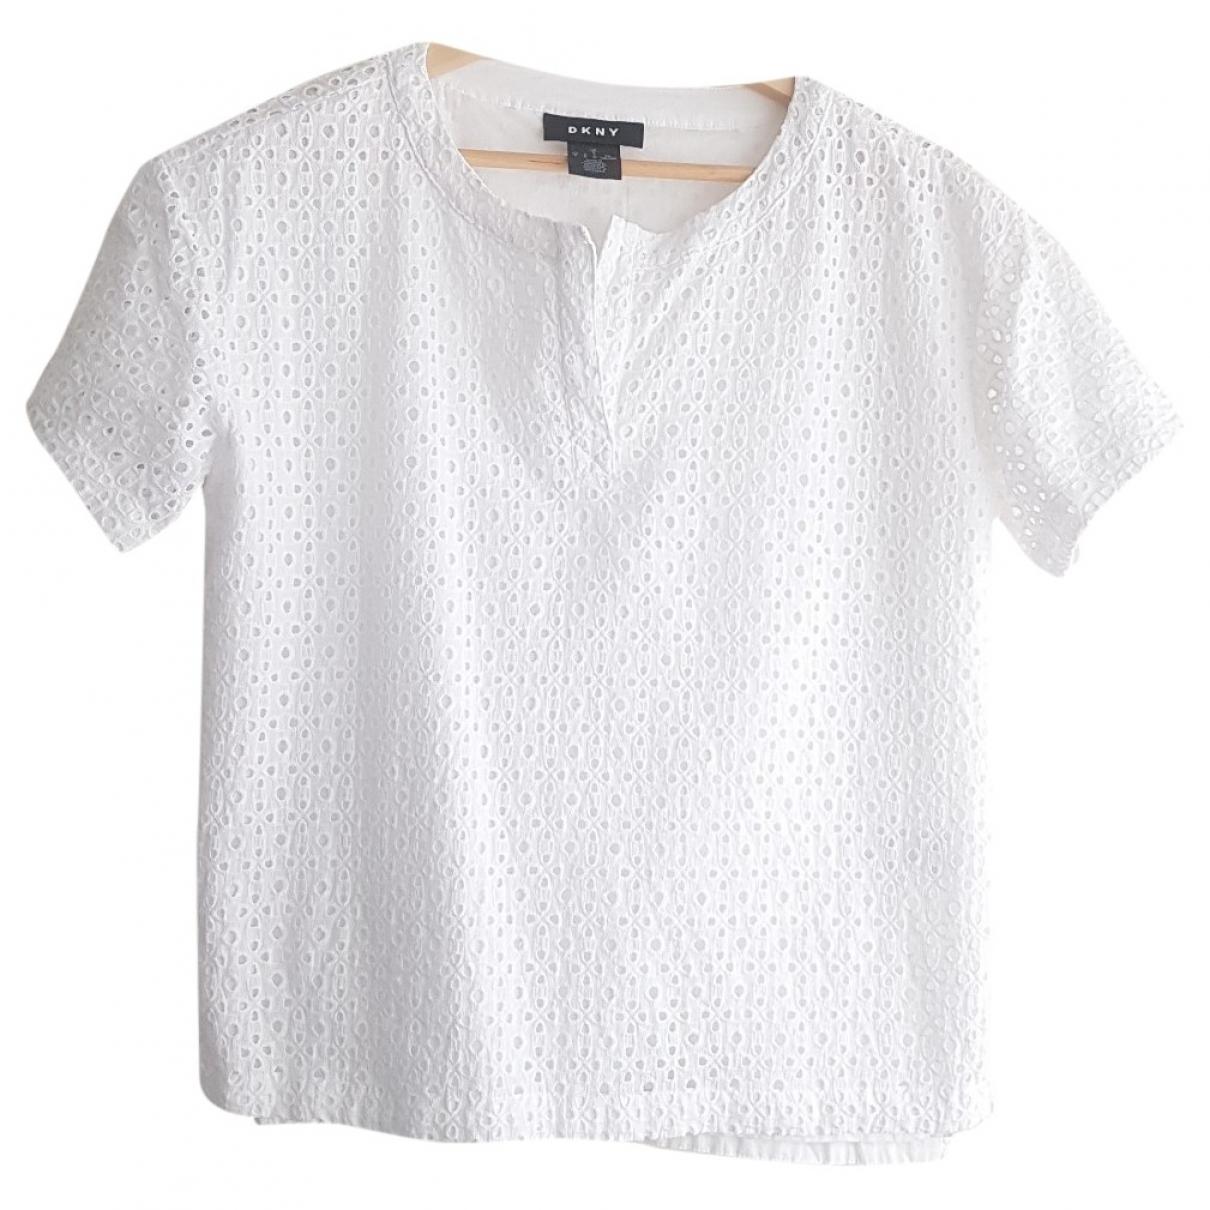 Dkny - Top   pour femme en coton - blanc